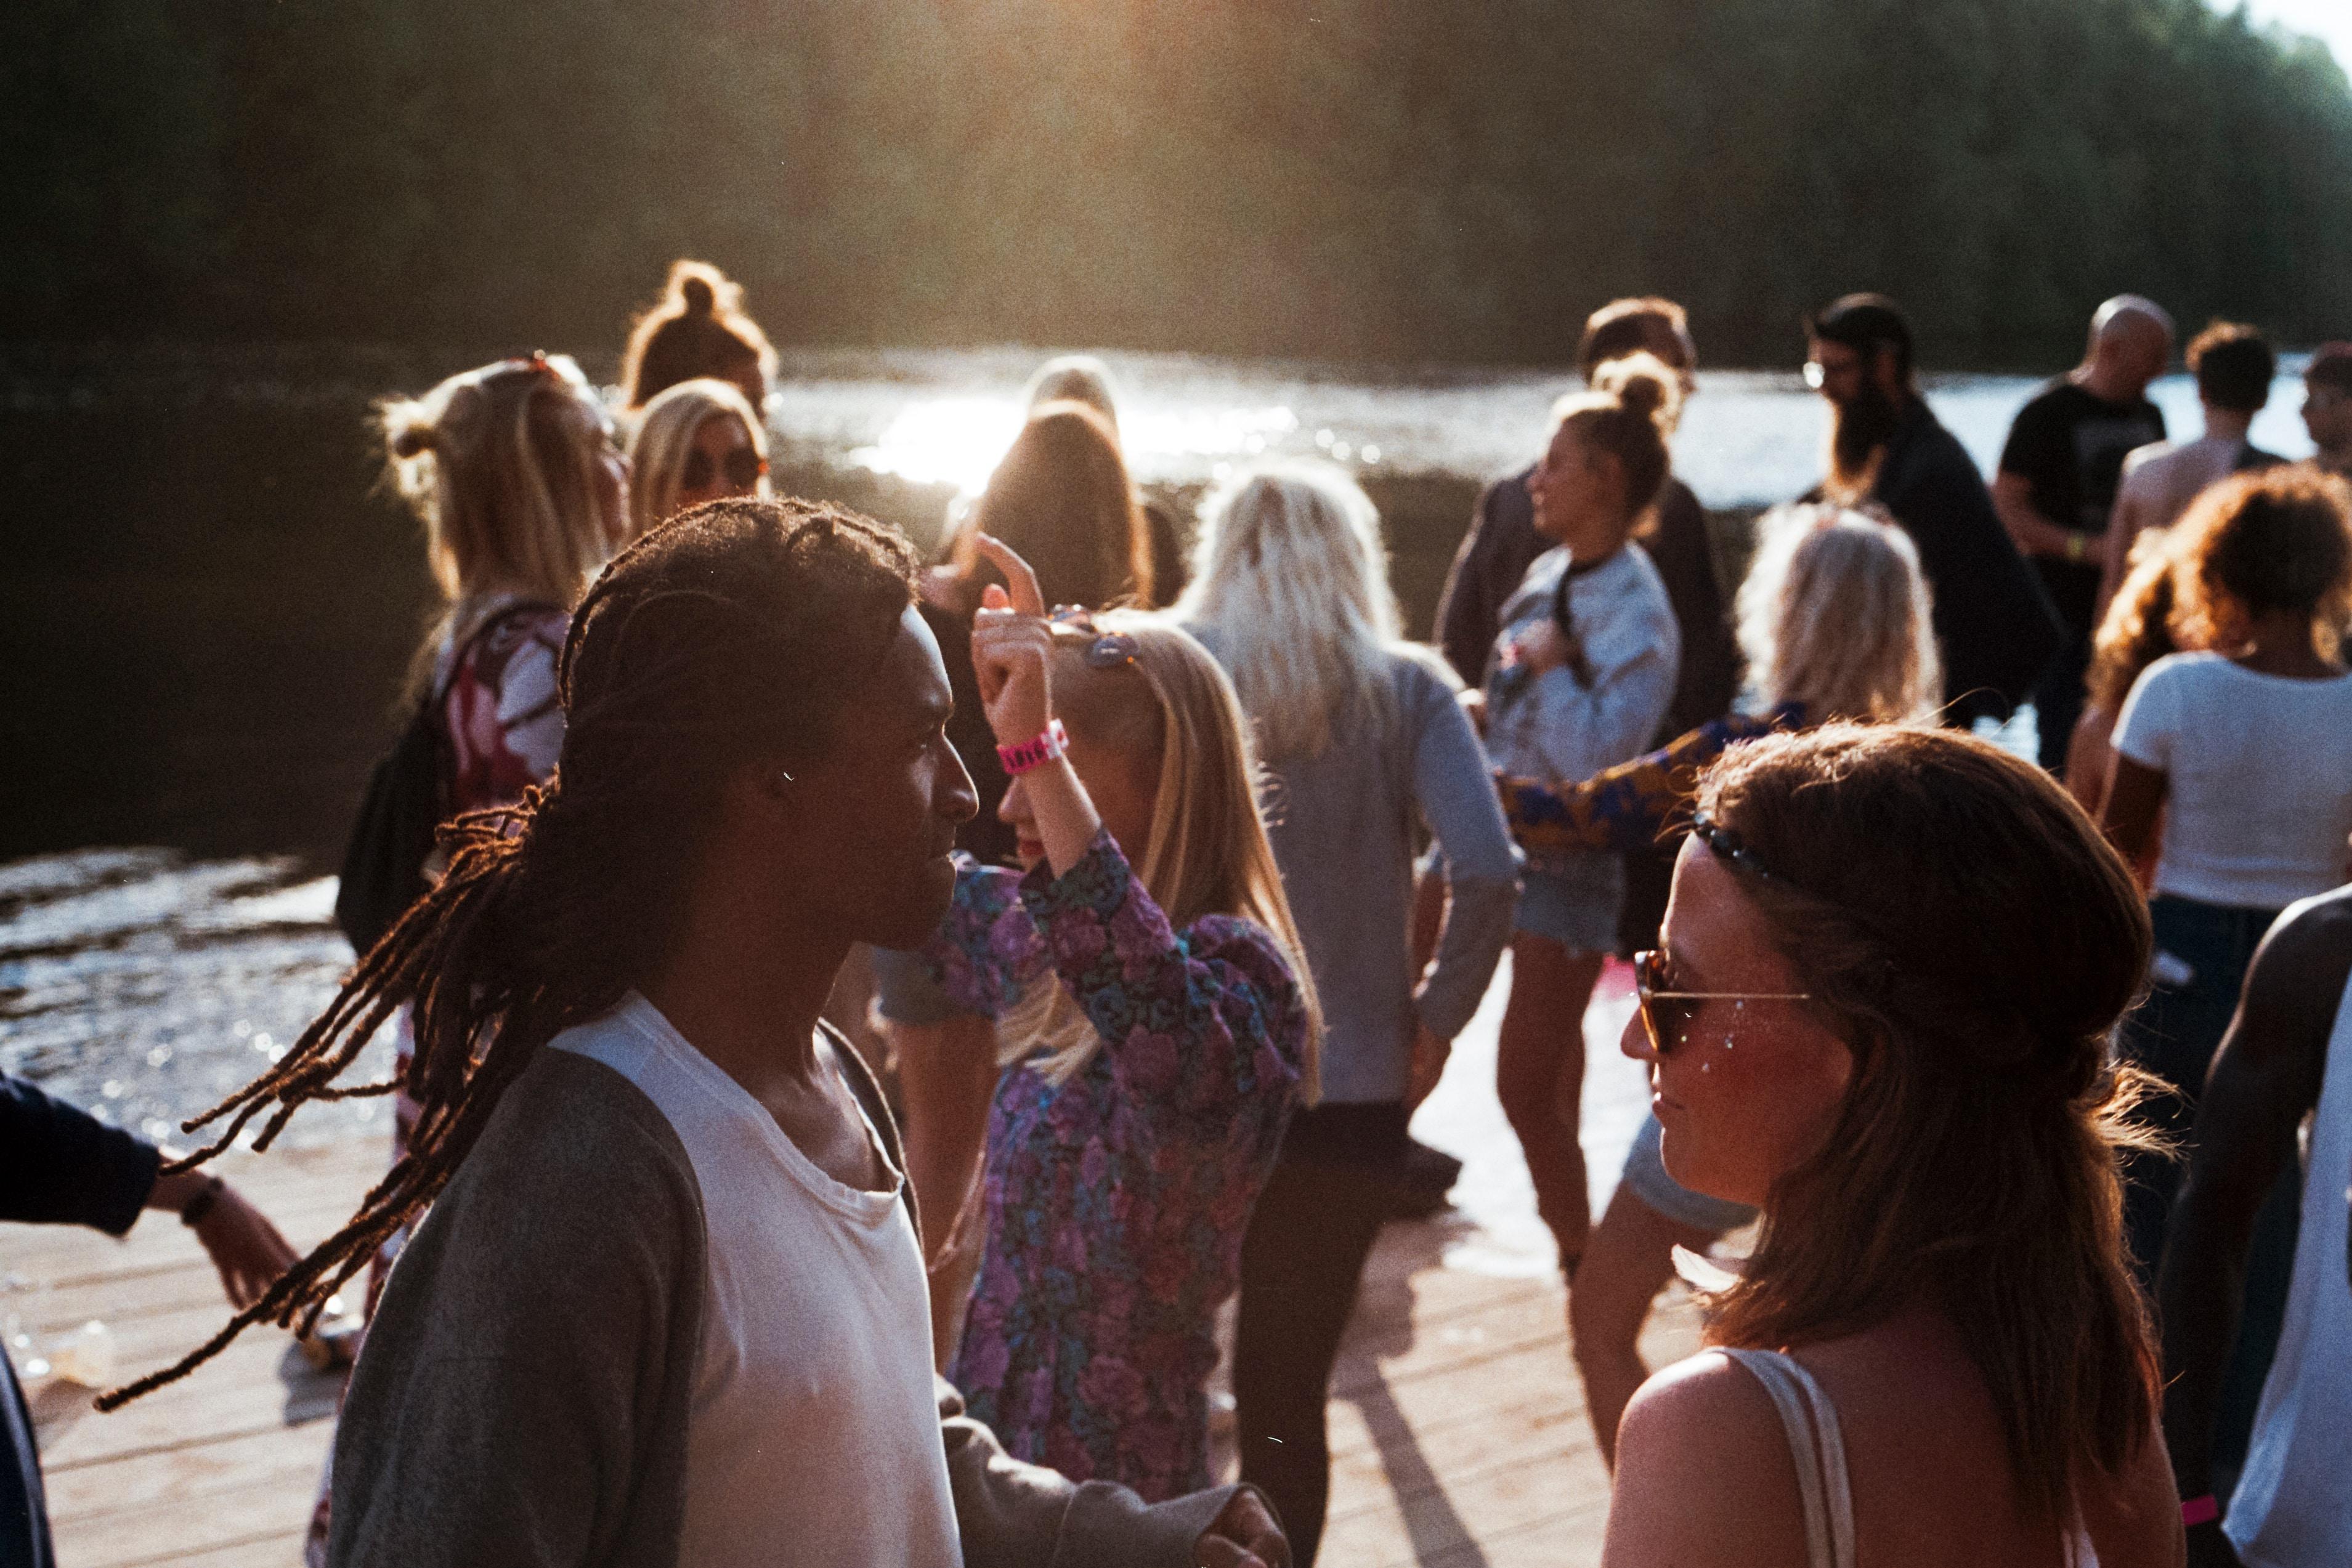 International youth gather beside a lake